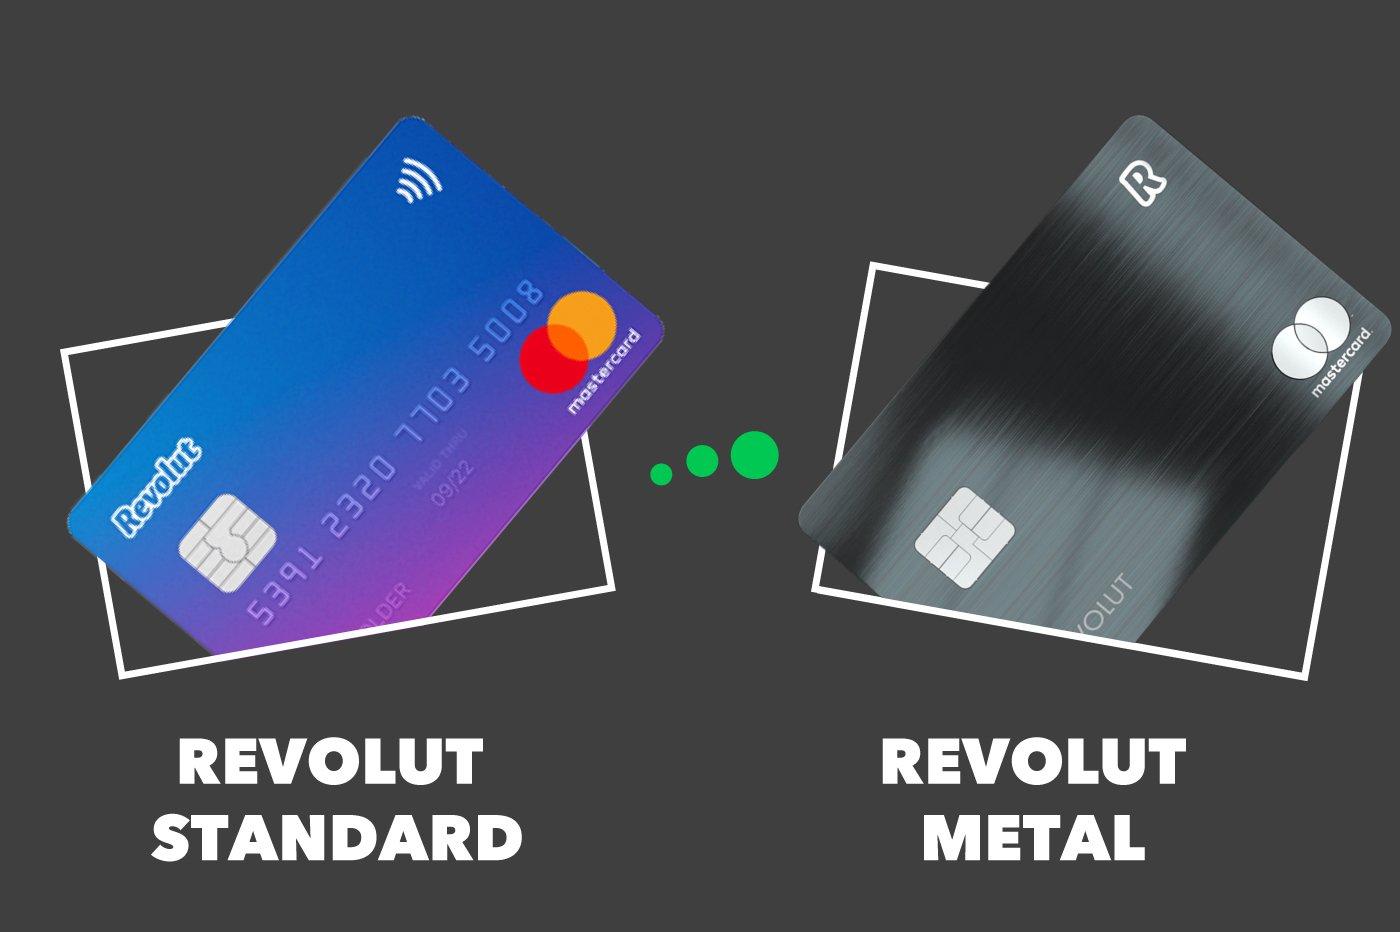 Revolut Standard vs Revolut Metal